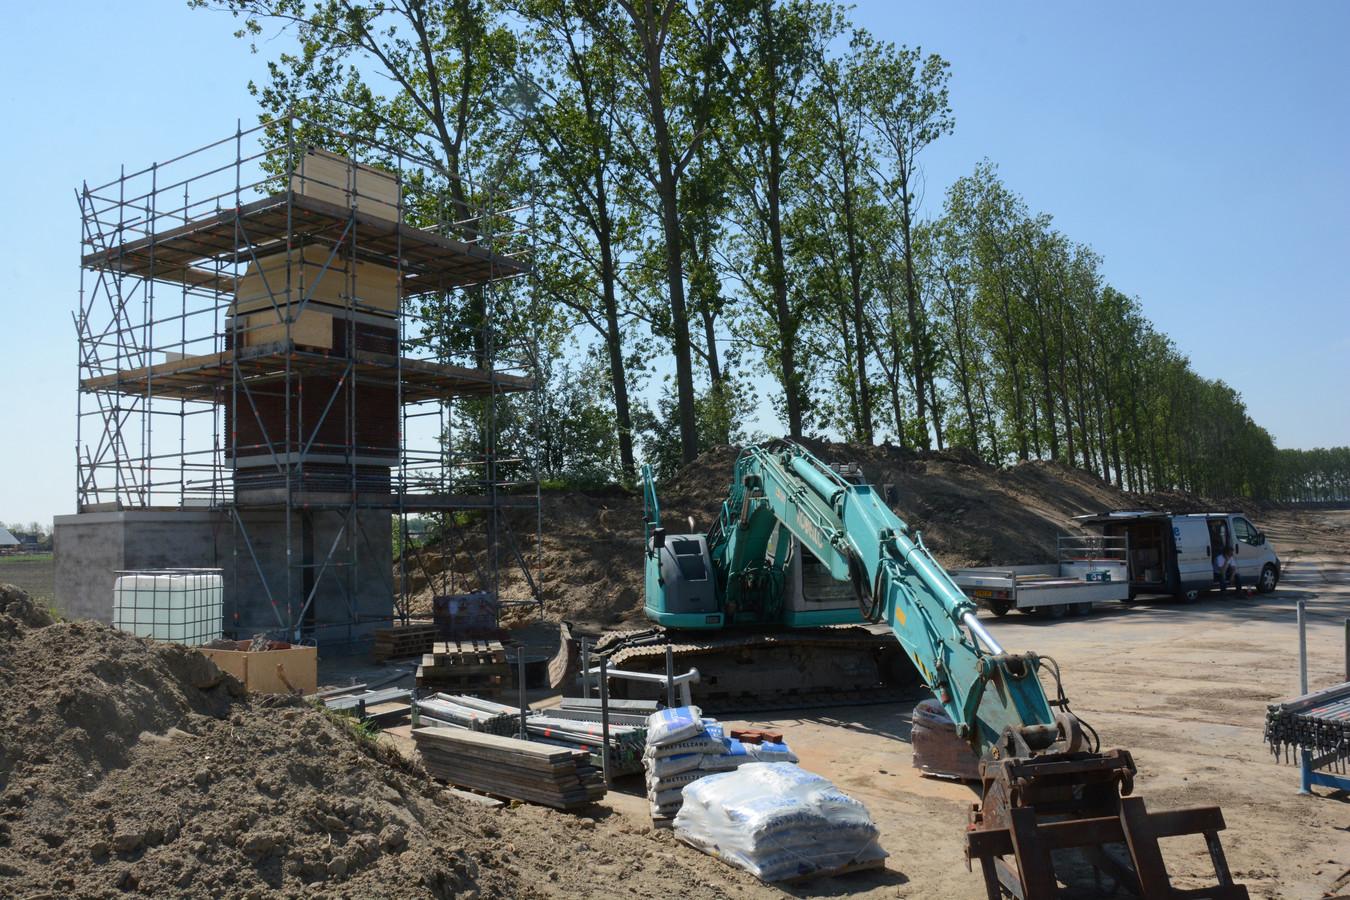 De vleermuizentoren is dertien meter hoog en wordt gebouw in de talud van de dijk.